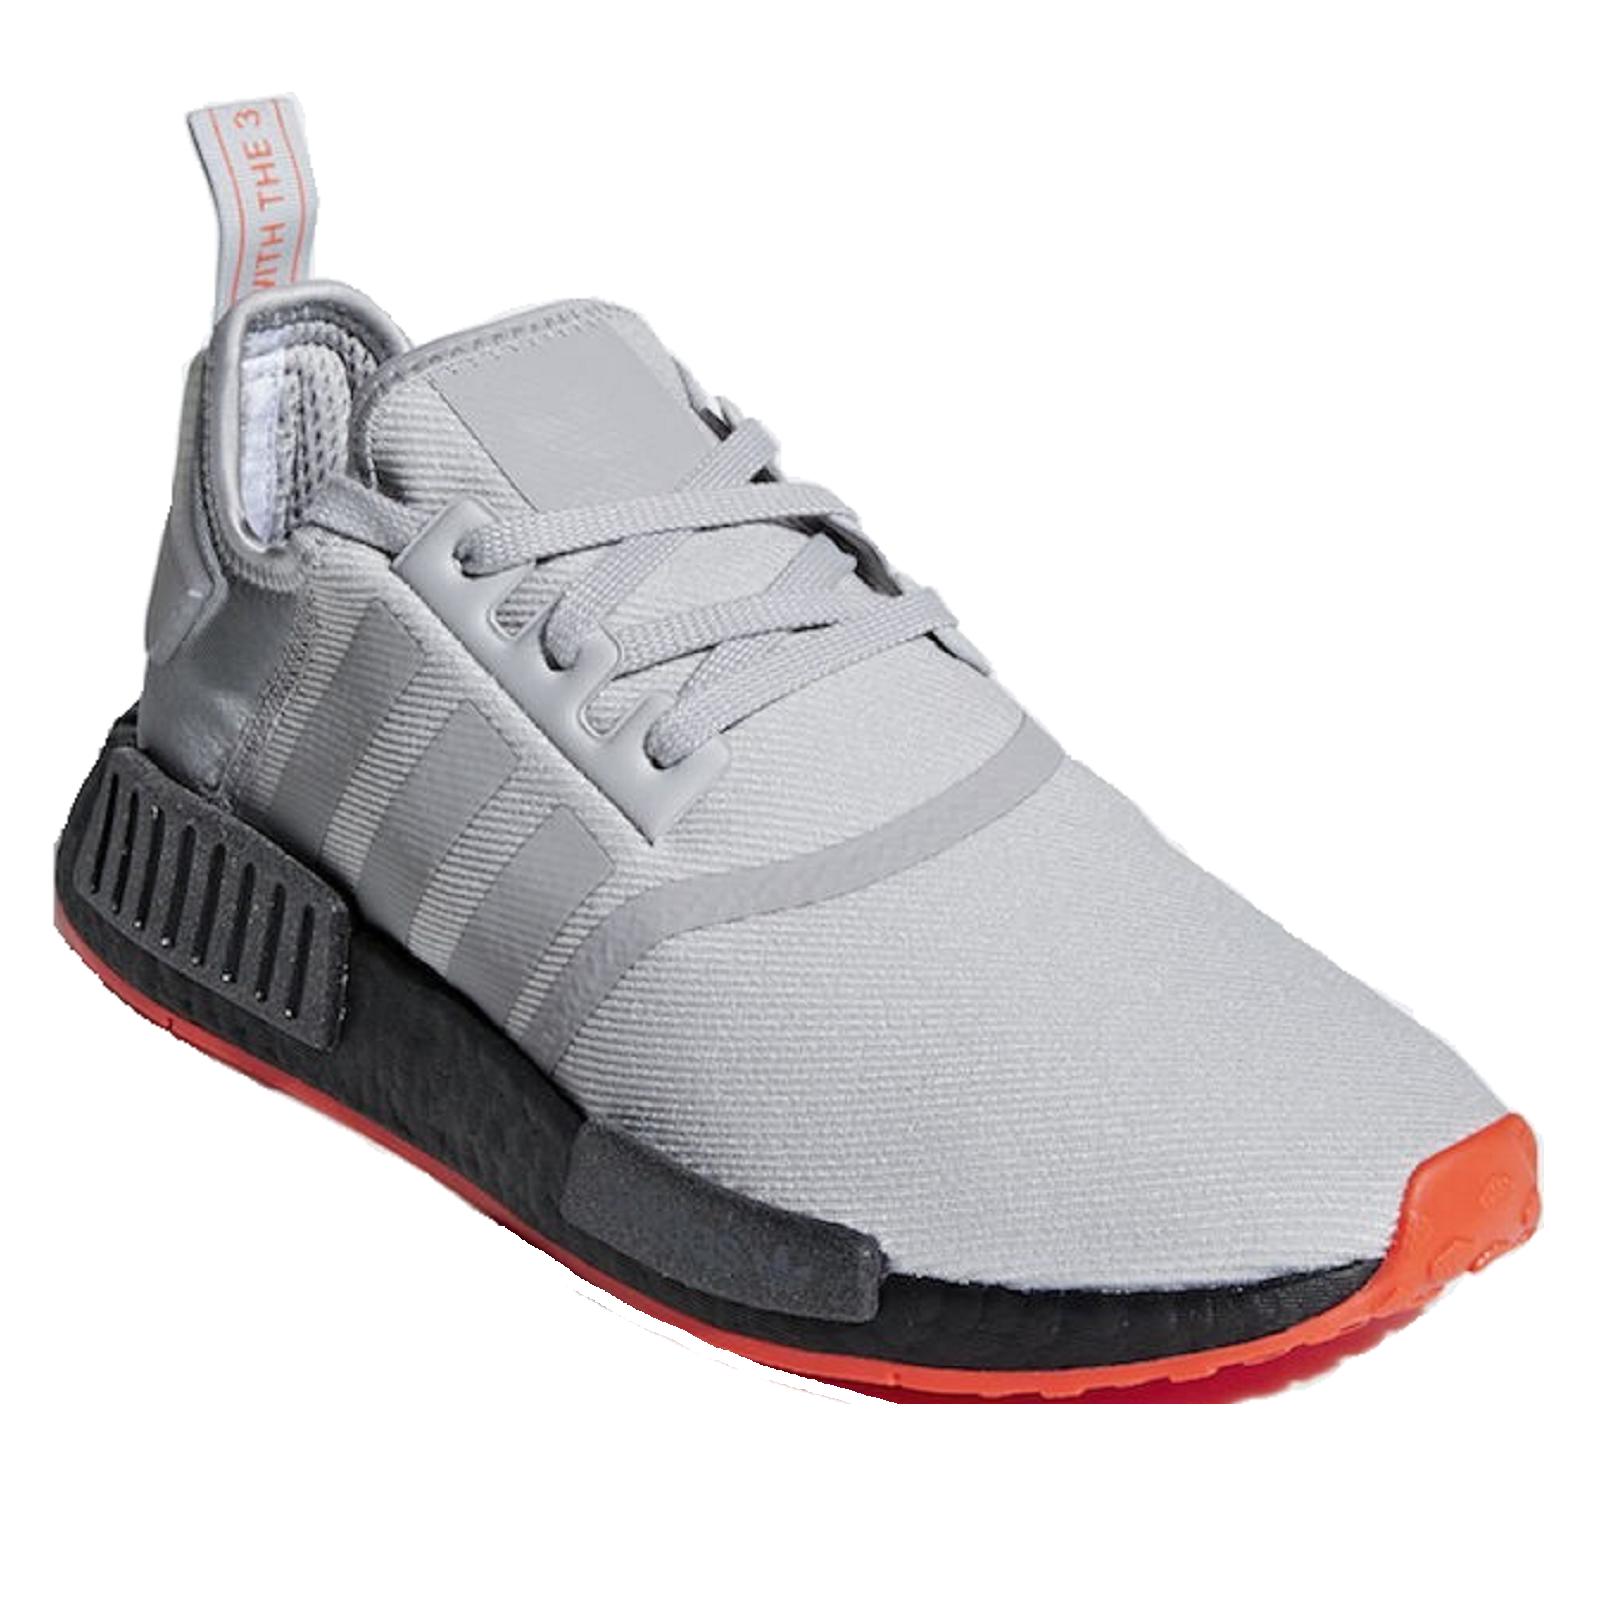 Adidas Originals NMD R1 Schuhe Sneaker grauschwarzrot F35882